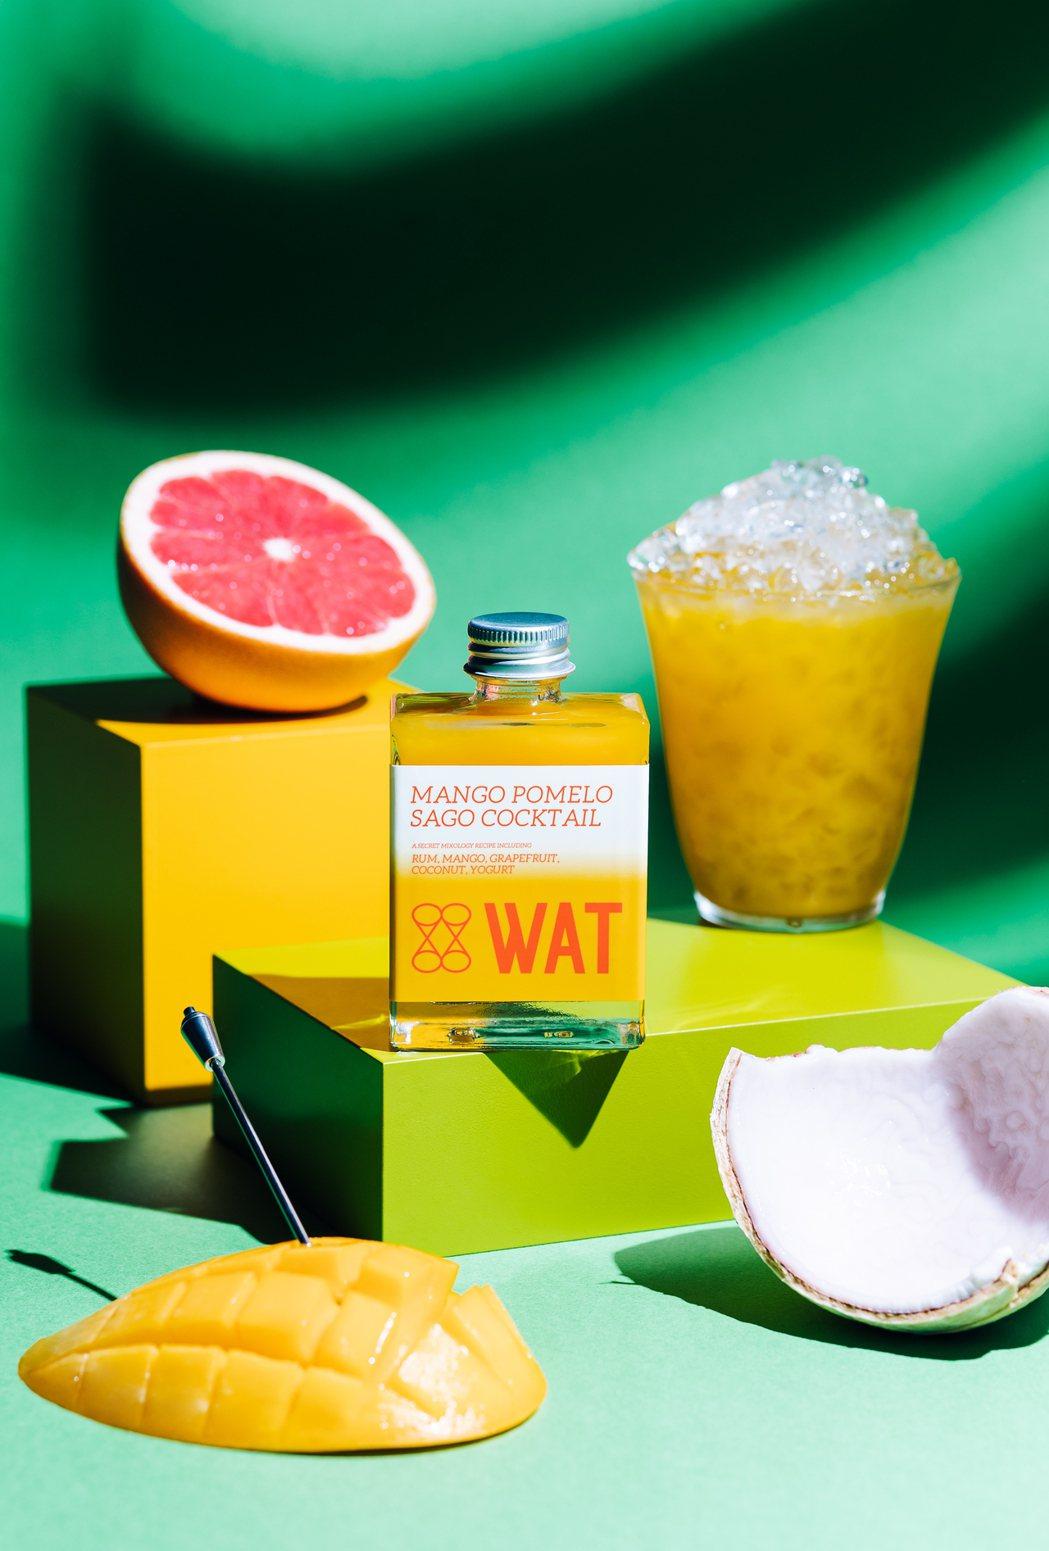 WAT全台門市同步推出翻轉經典港式甜點的「楊枝甘露雞尾酒」,將新鮮芒果及葡萄柚結...